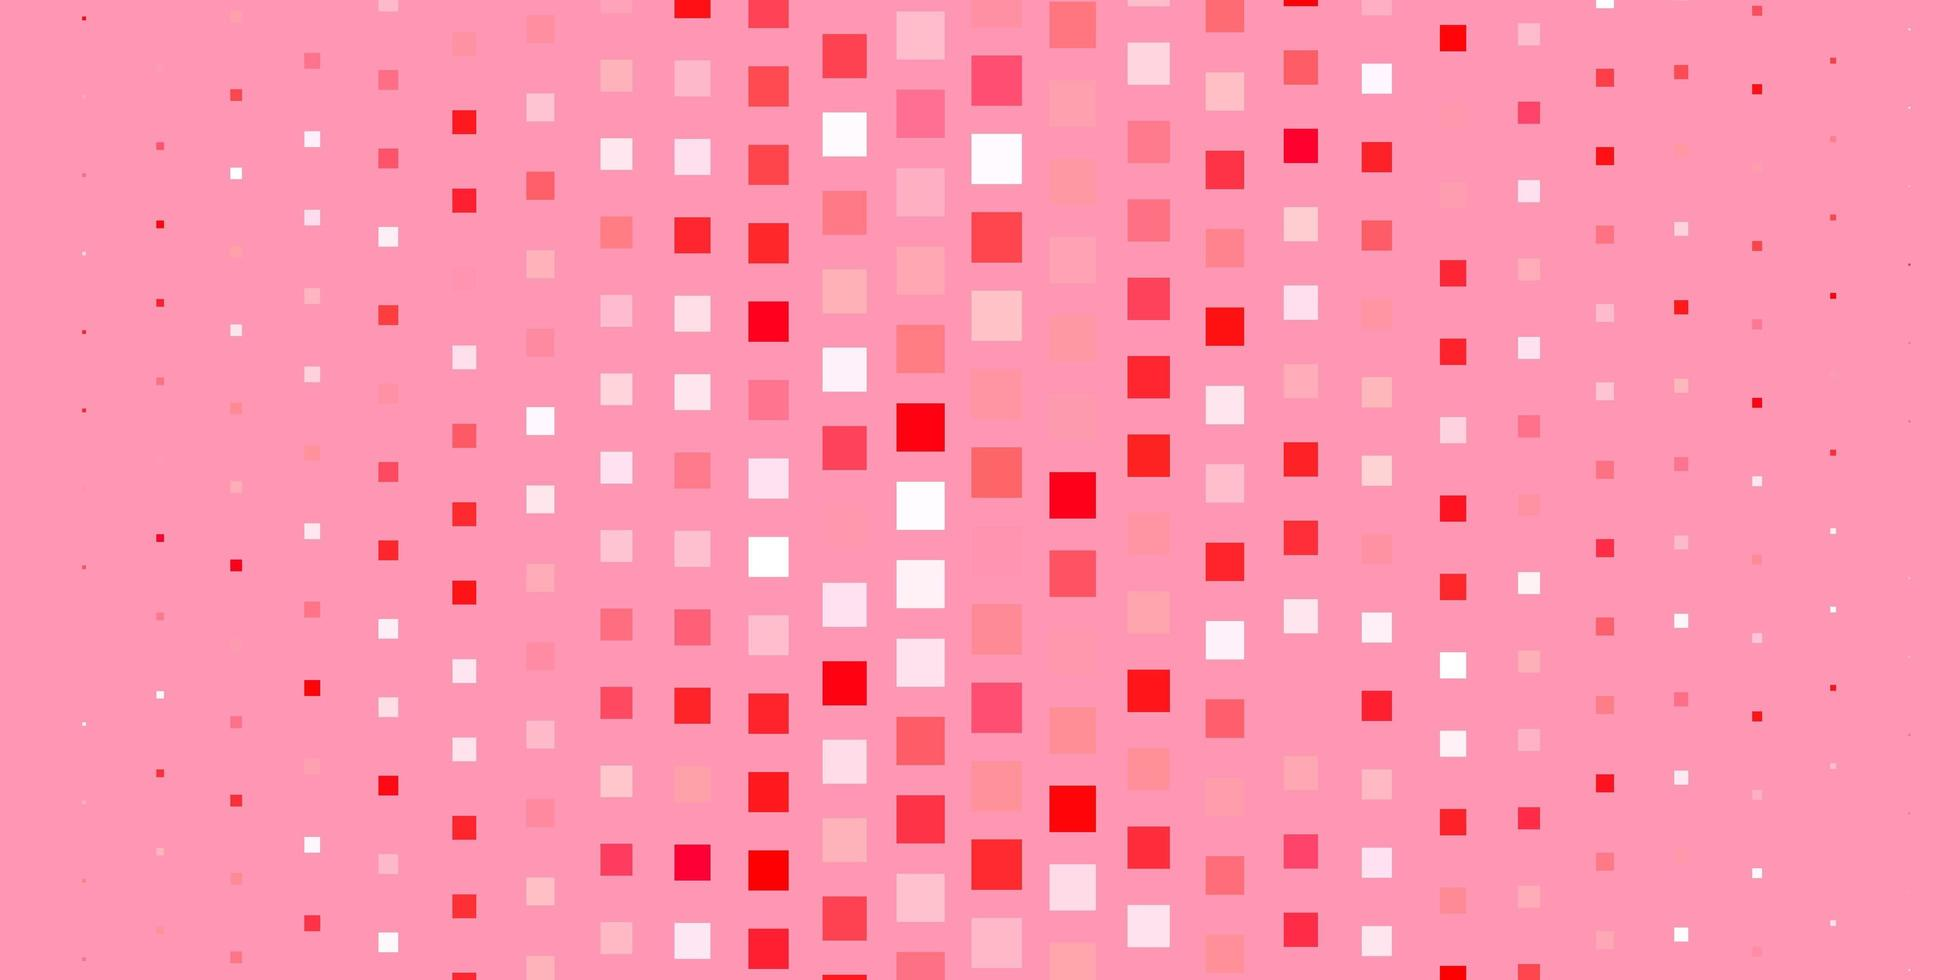 lichtrode vectortextuur in rechthoekige stijl. vector